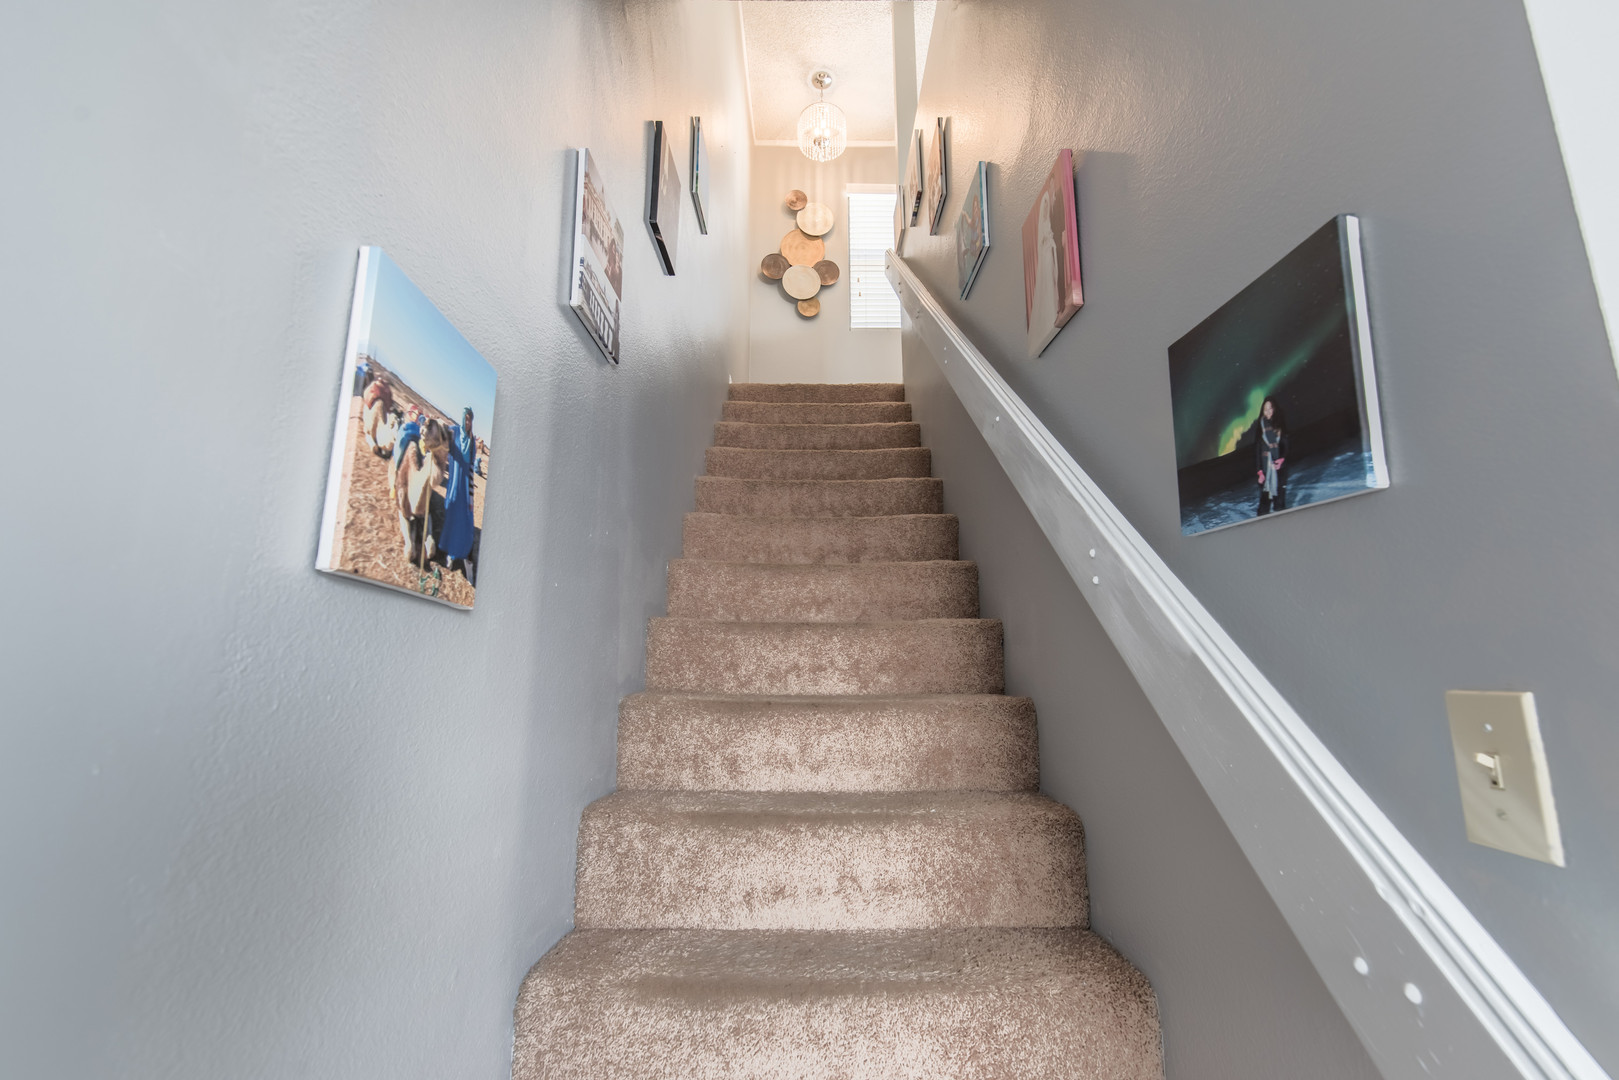 08 Stairway up.jpg